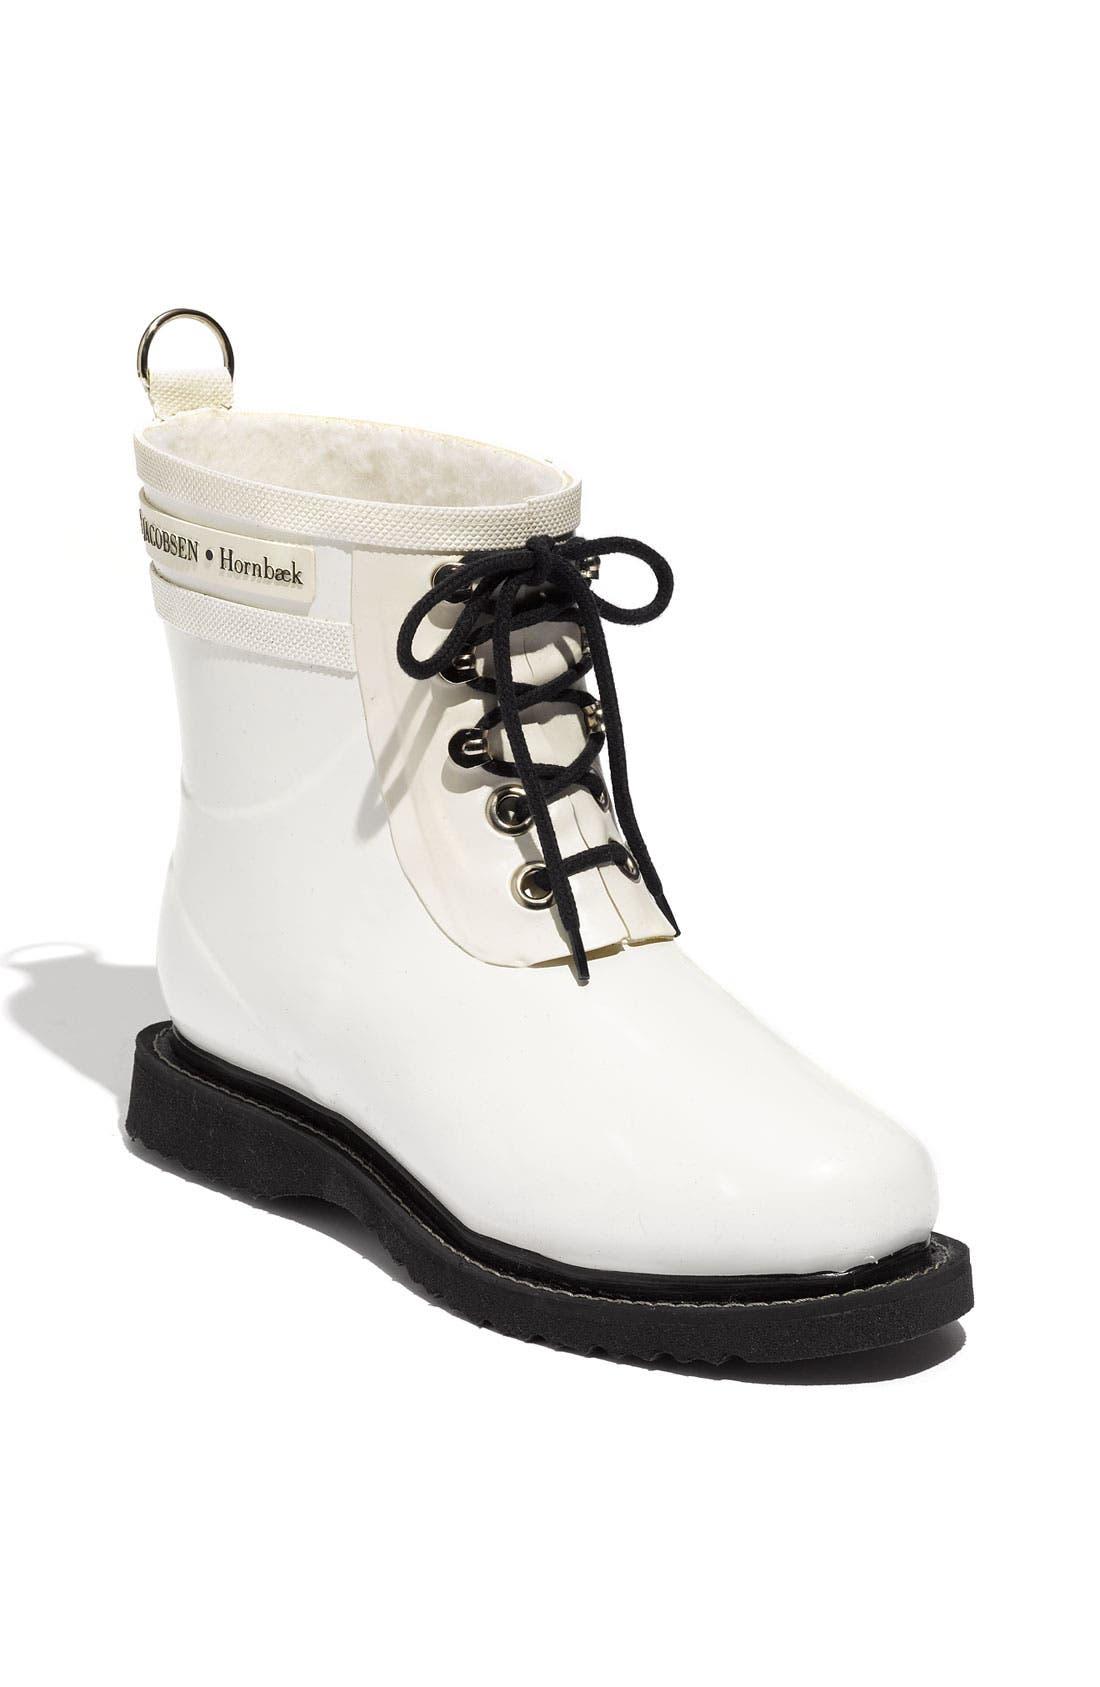 Alternate Image 1 Selected - Ilse Jacobsen Hornbæk 'Rub' Boot